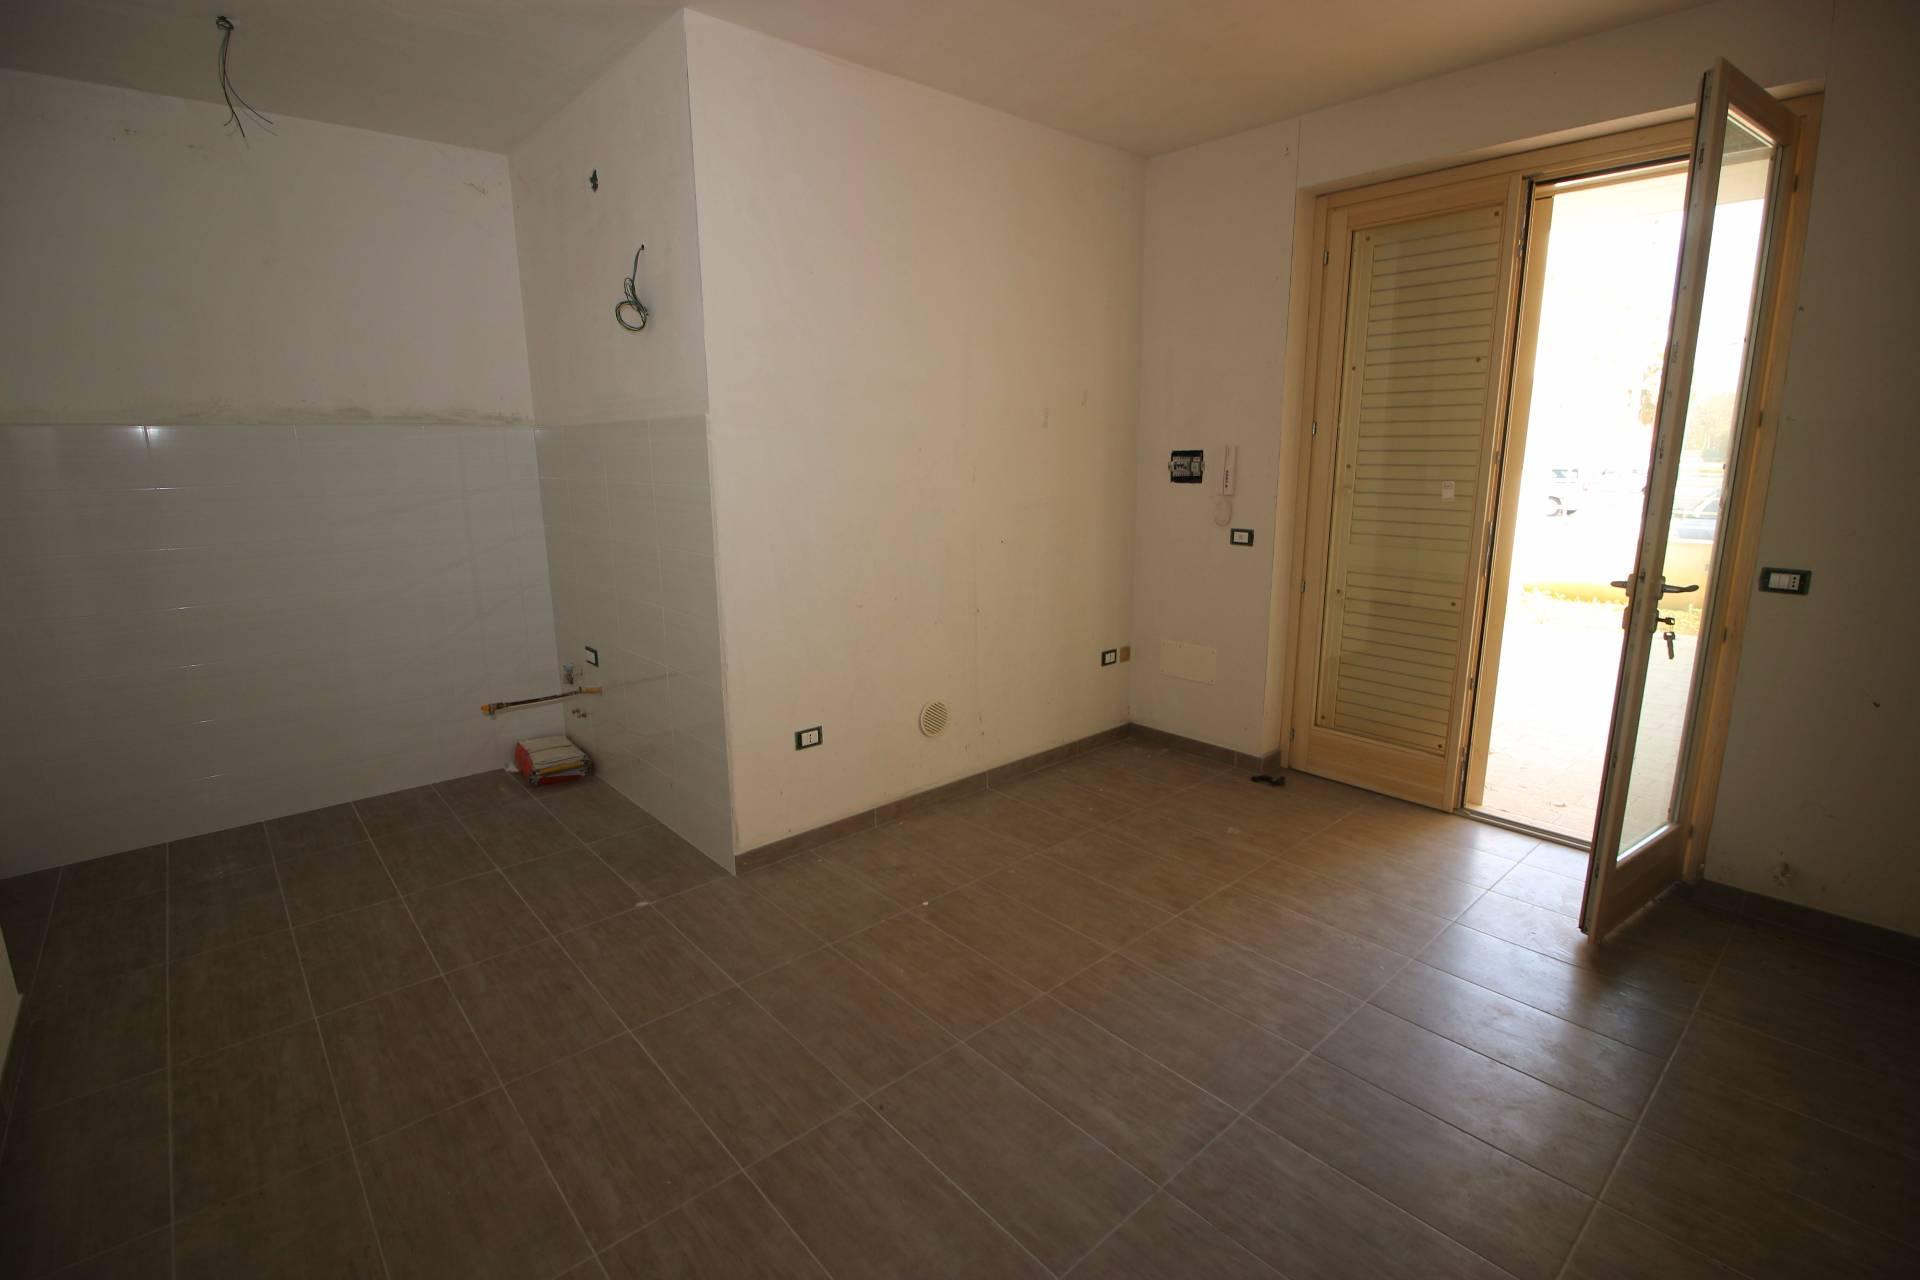 Appartamento in vendita a Alba Adriatica, 3 locali, zona Località: ZonaMare, prezzo € 125.000 | CambioCasa.it